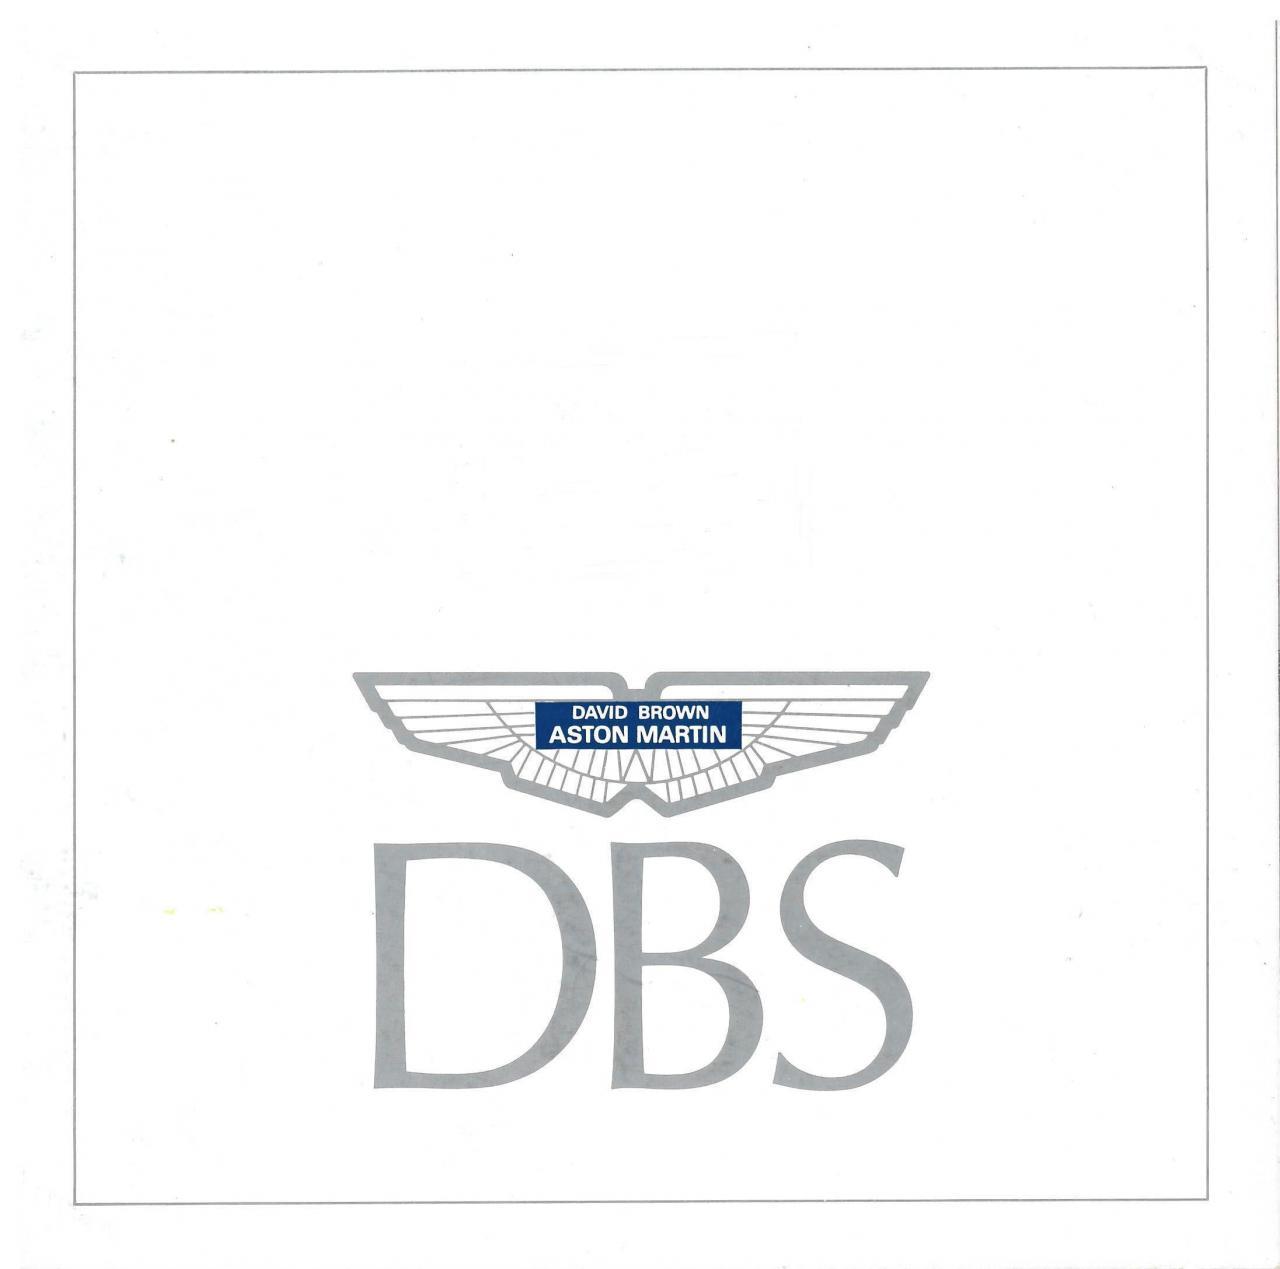 Ltd Car Brochures